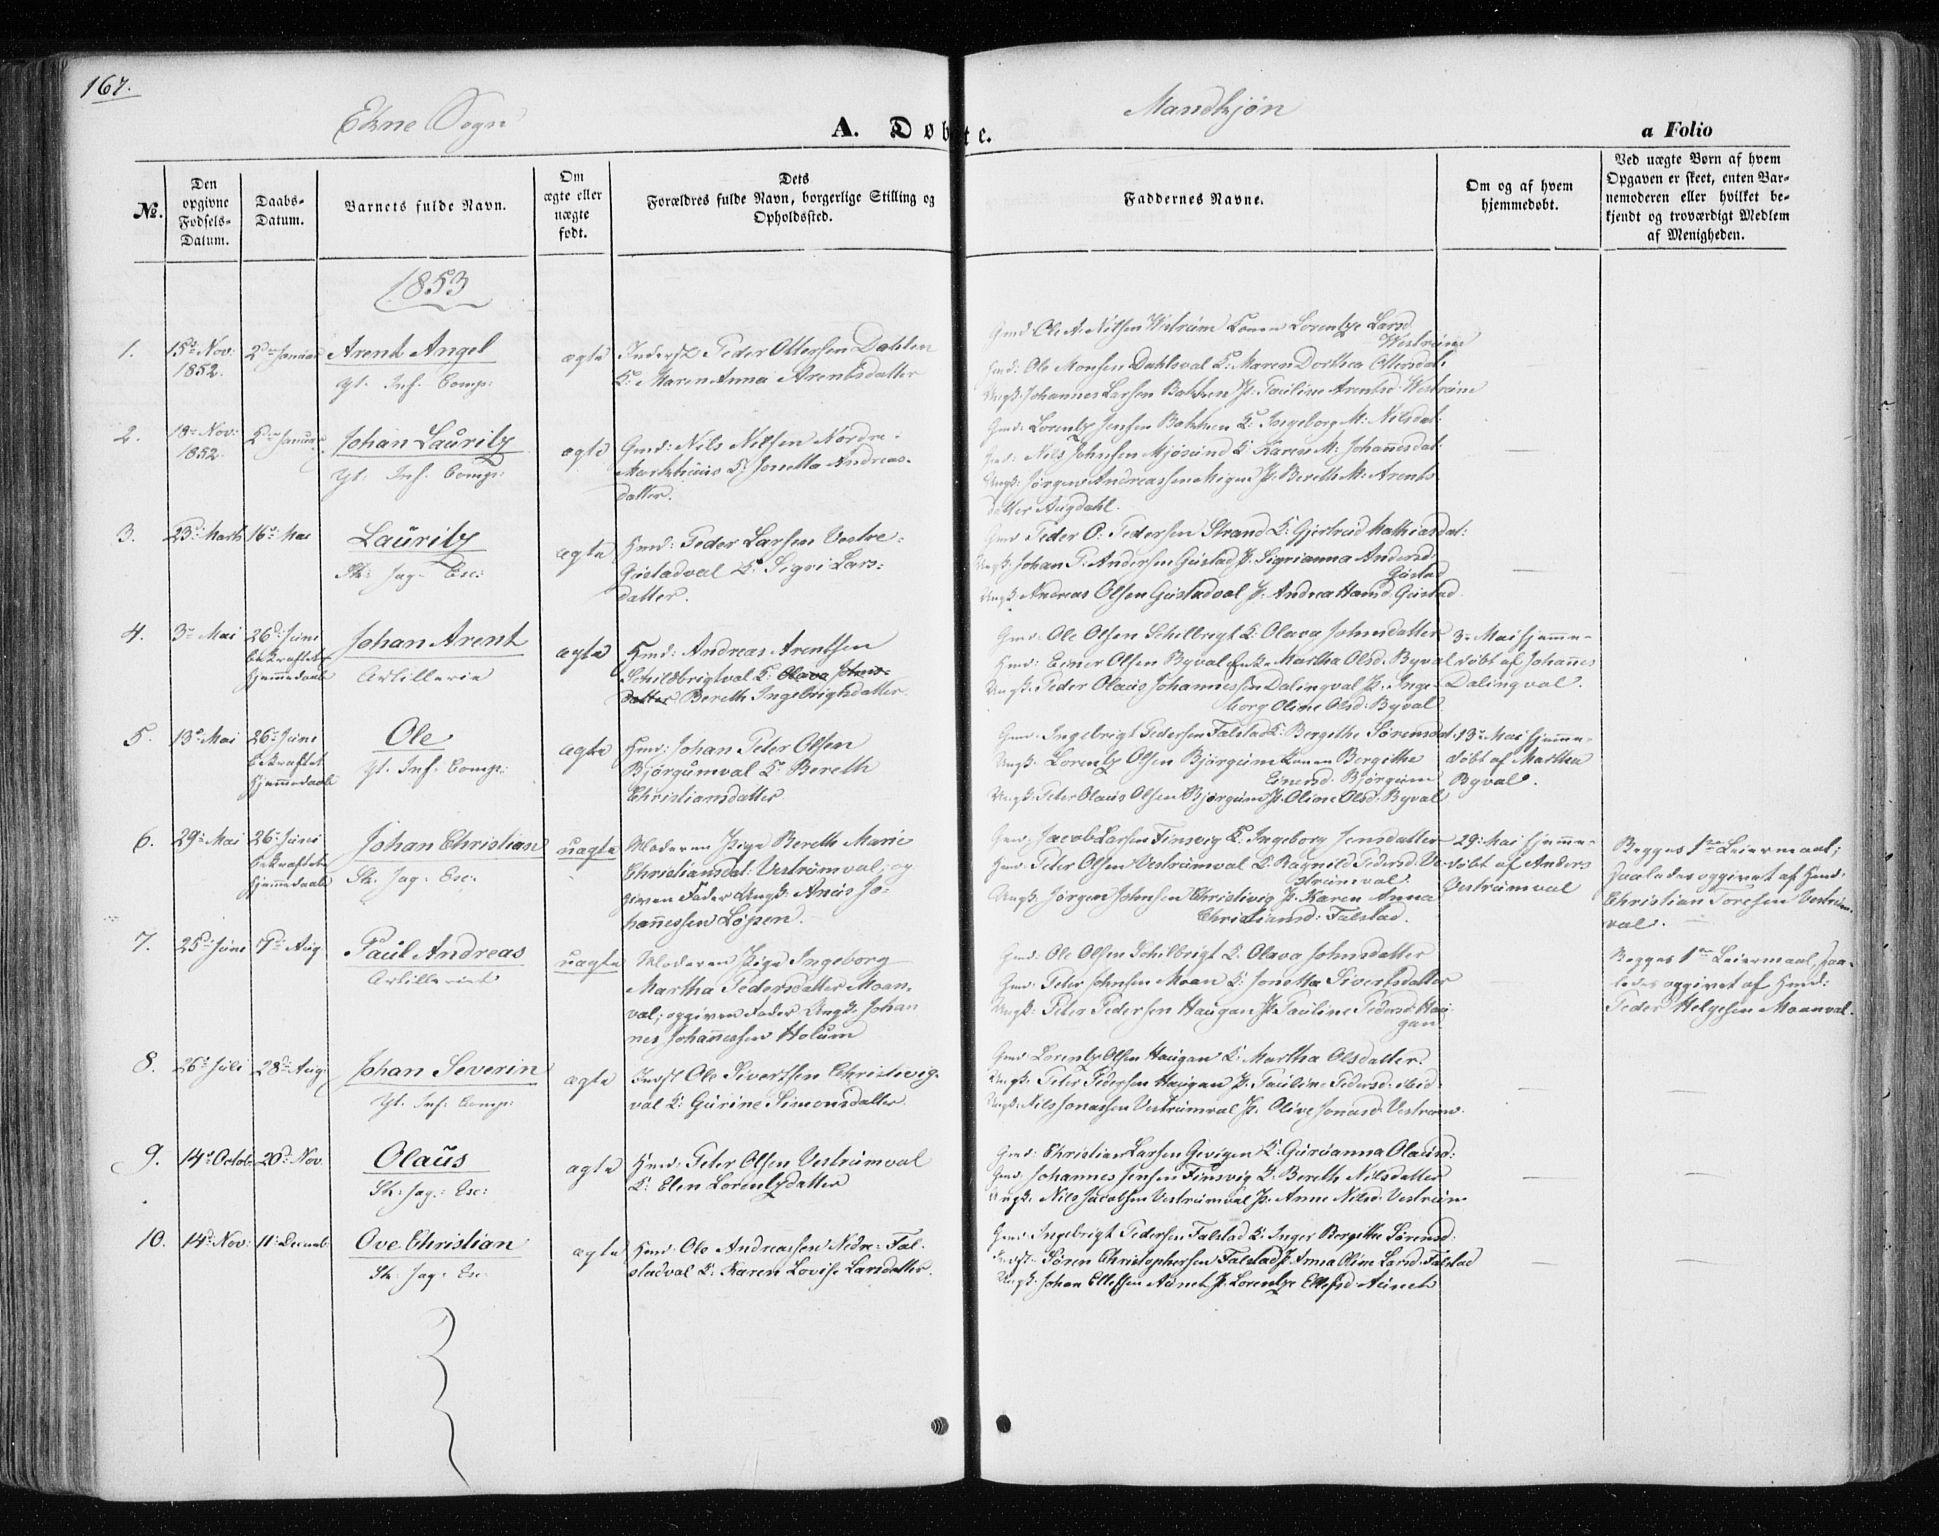 SAT, Ministerialprotokoller, klokkerbøker og fødselsregistre - Nord-Trøndelag, 717/L0154: Ministerialbok nr. 717A07 /3, 1850-1862, s. 167